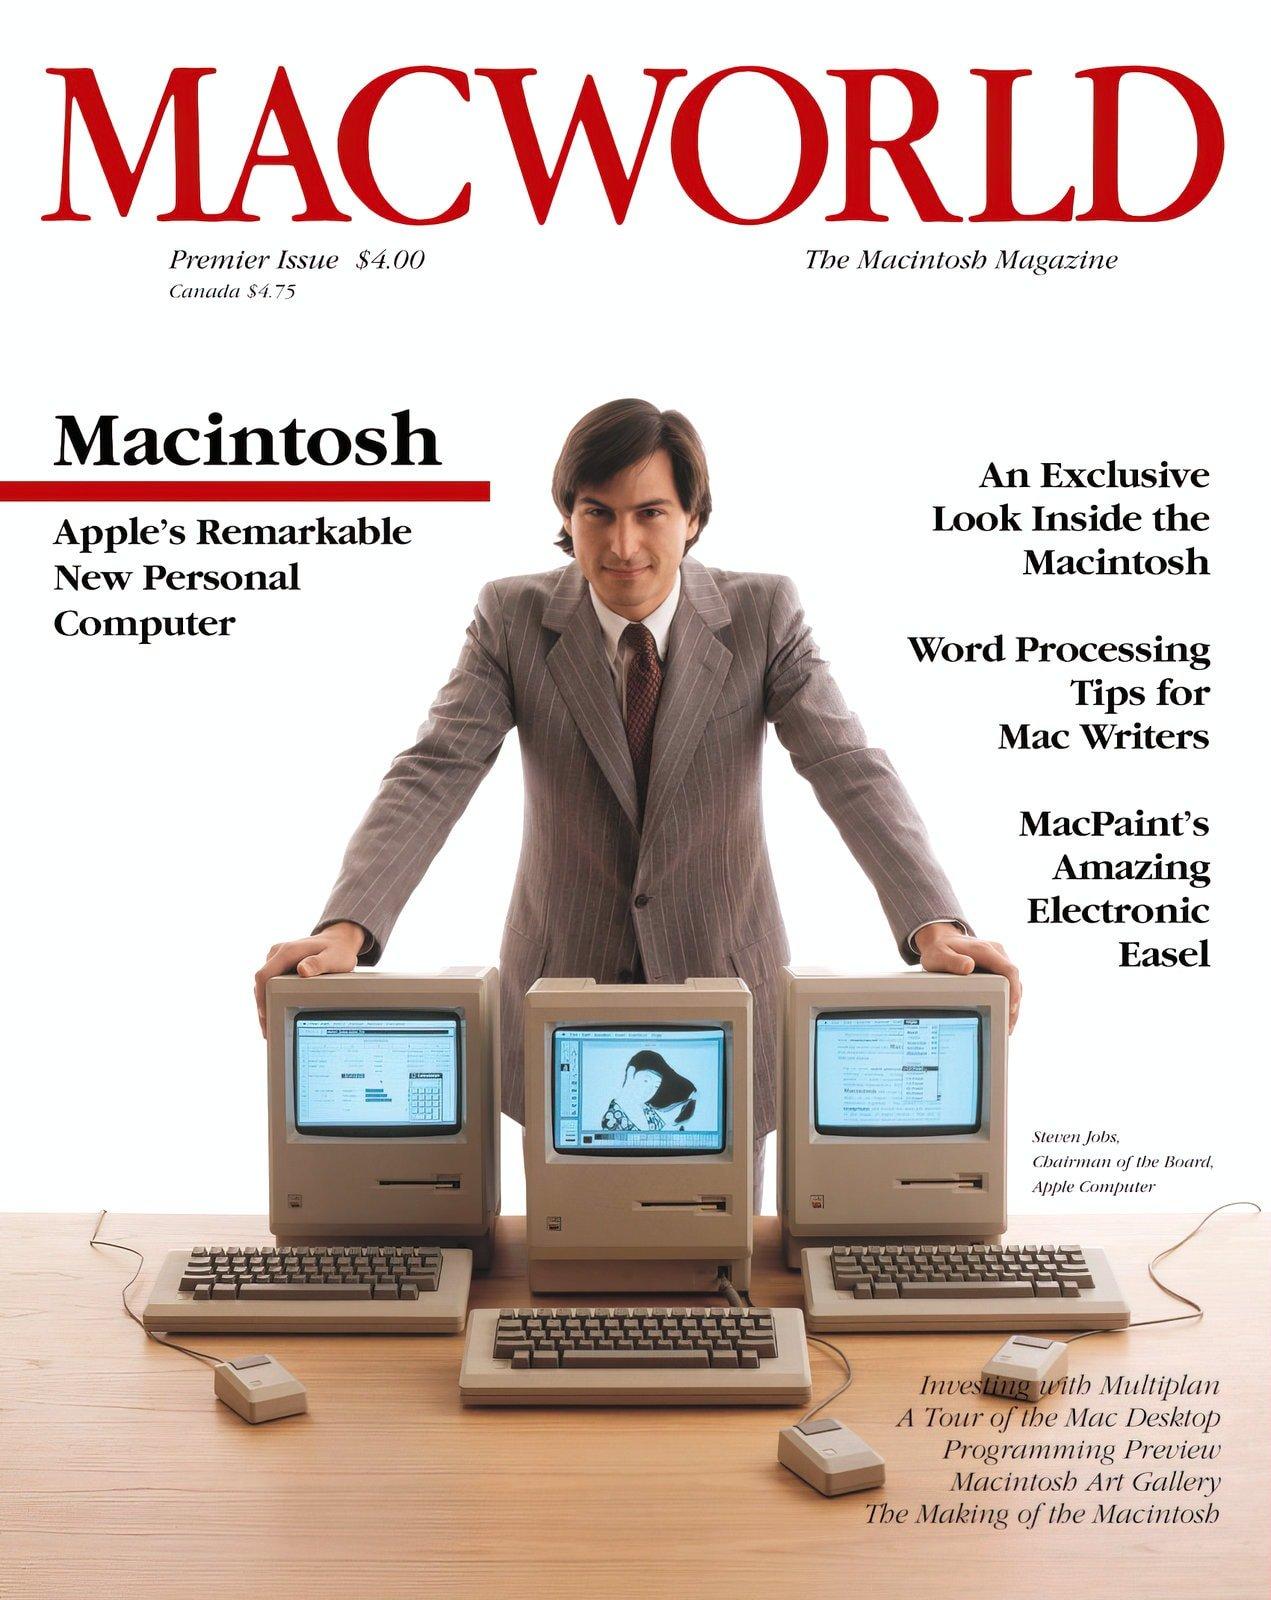 Steve Jobs - MacWorld magazine cover (1984)